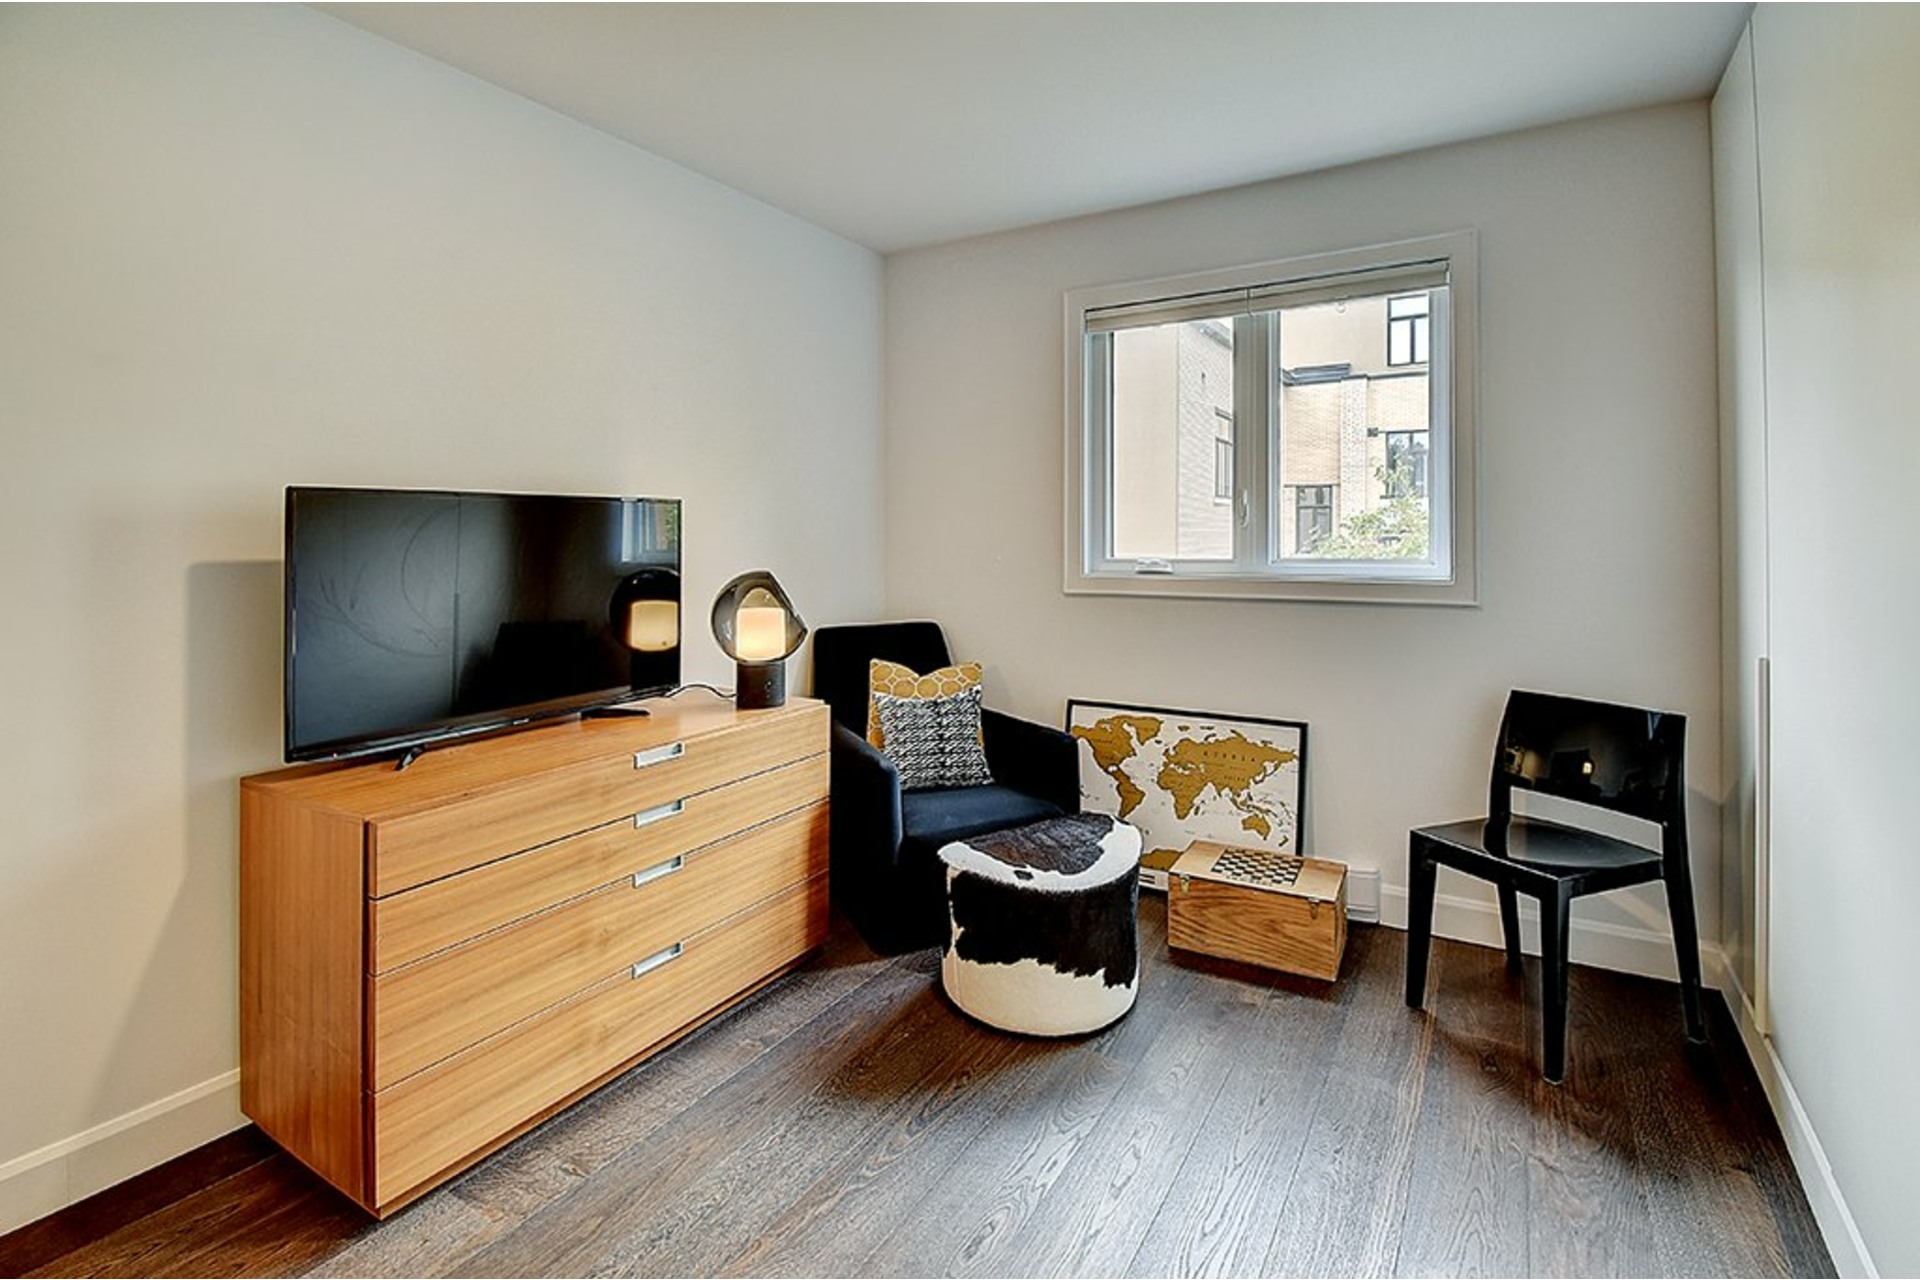 image 16 - Appartement À vendre Verdun/Île-des-Soeurs Montréal  - 8 pièces